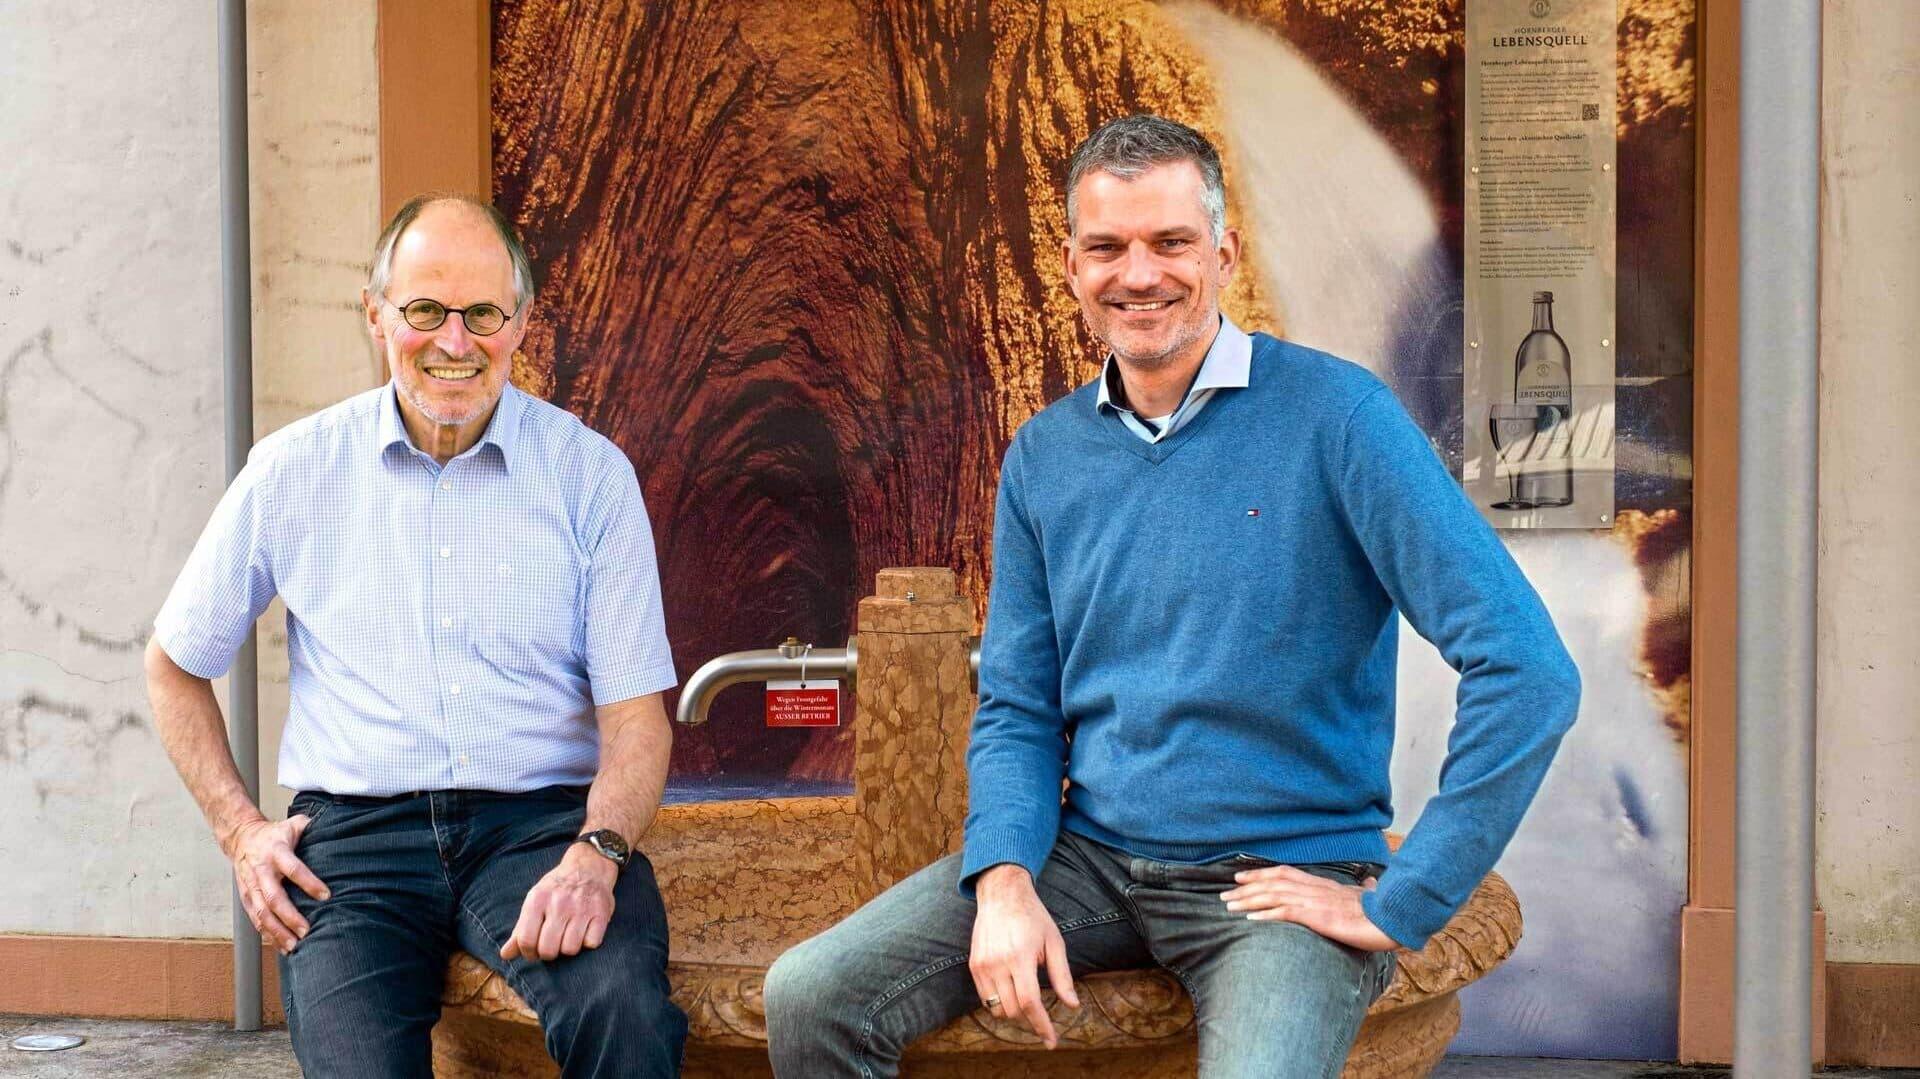 Michael und Philipp Ketterer